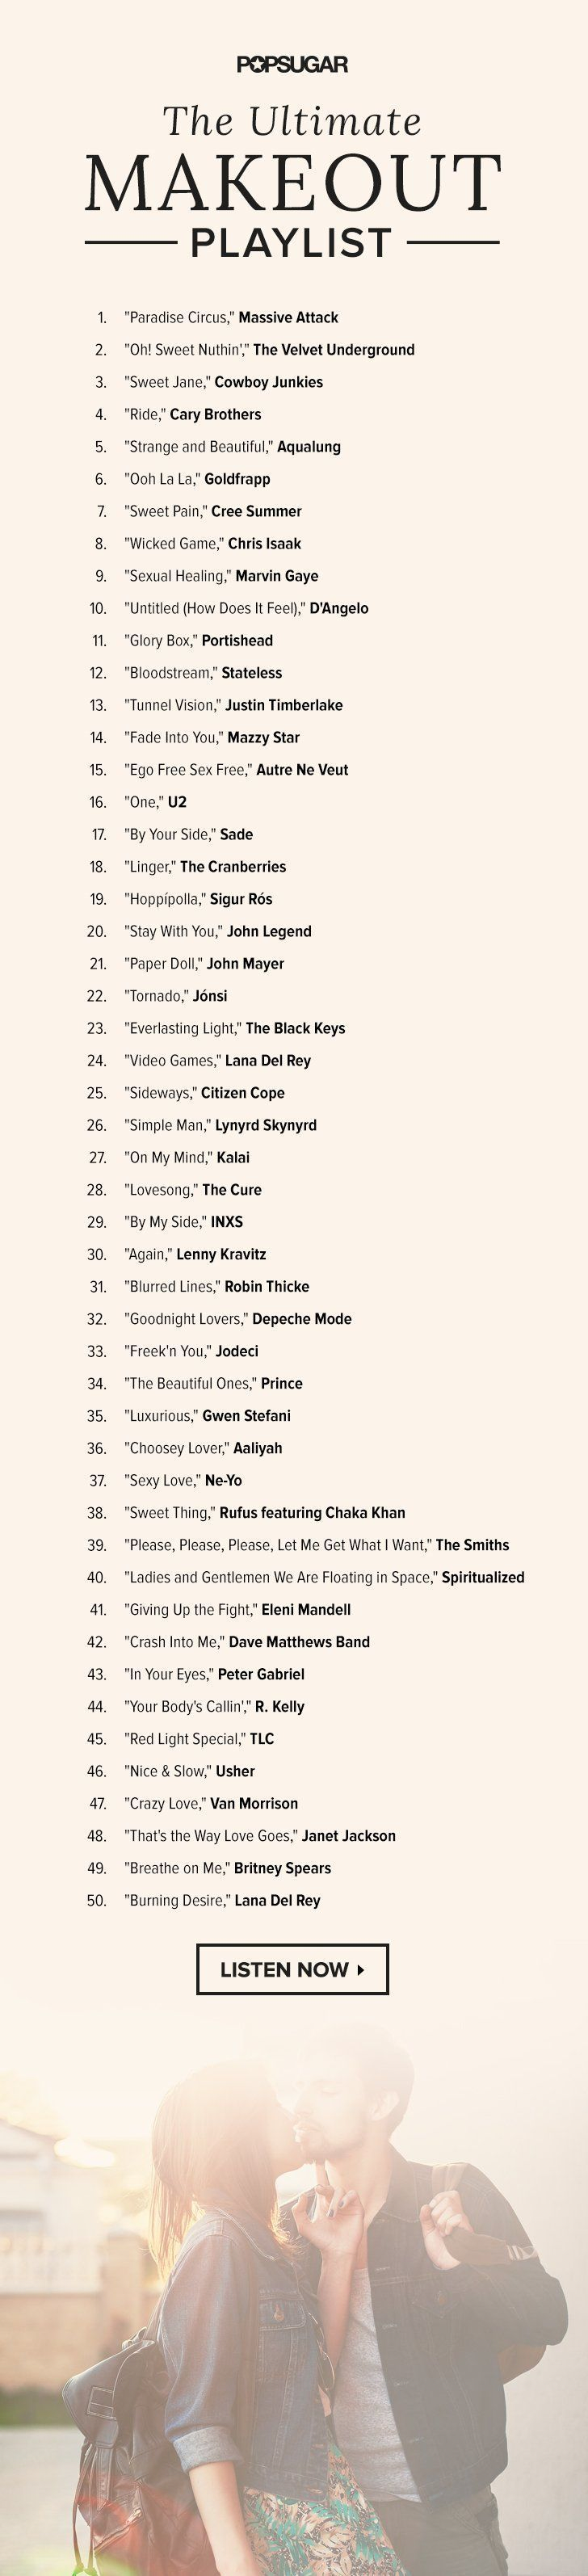 50 Songs, die du unbedingt machen solltest,  #machen #solltest #songs #unbedingt - #die #DU #machen #solltest #Songs #sportlich #unbedingt